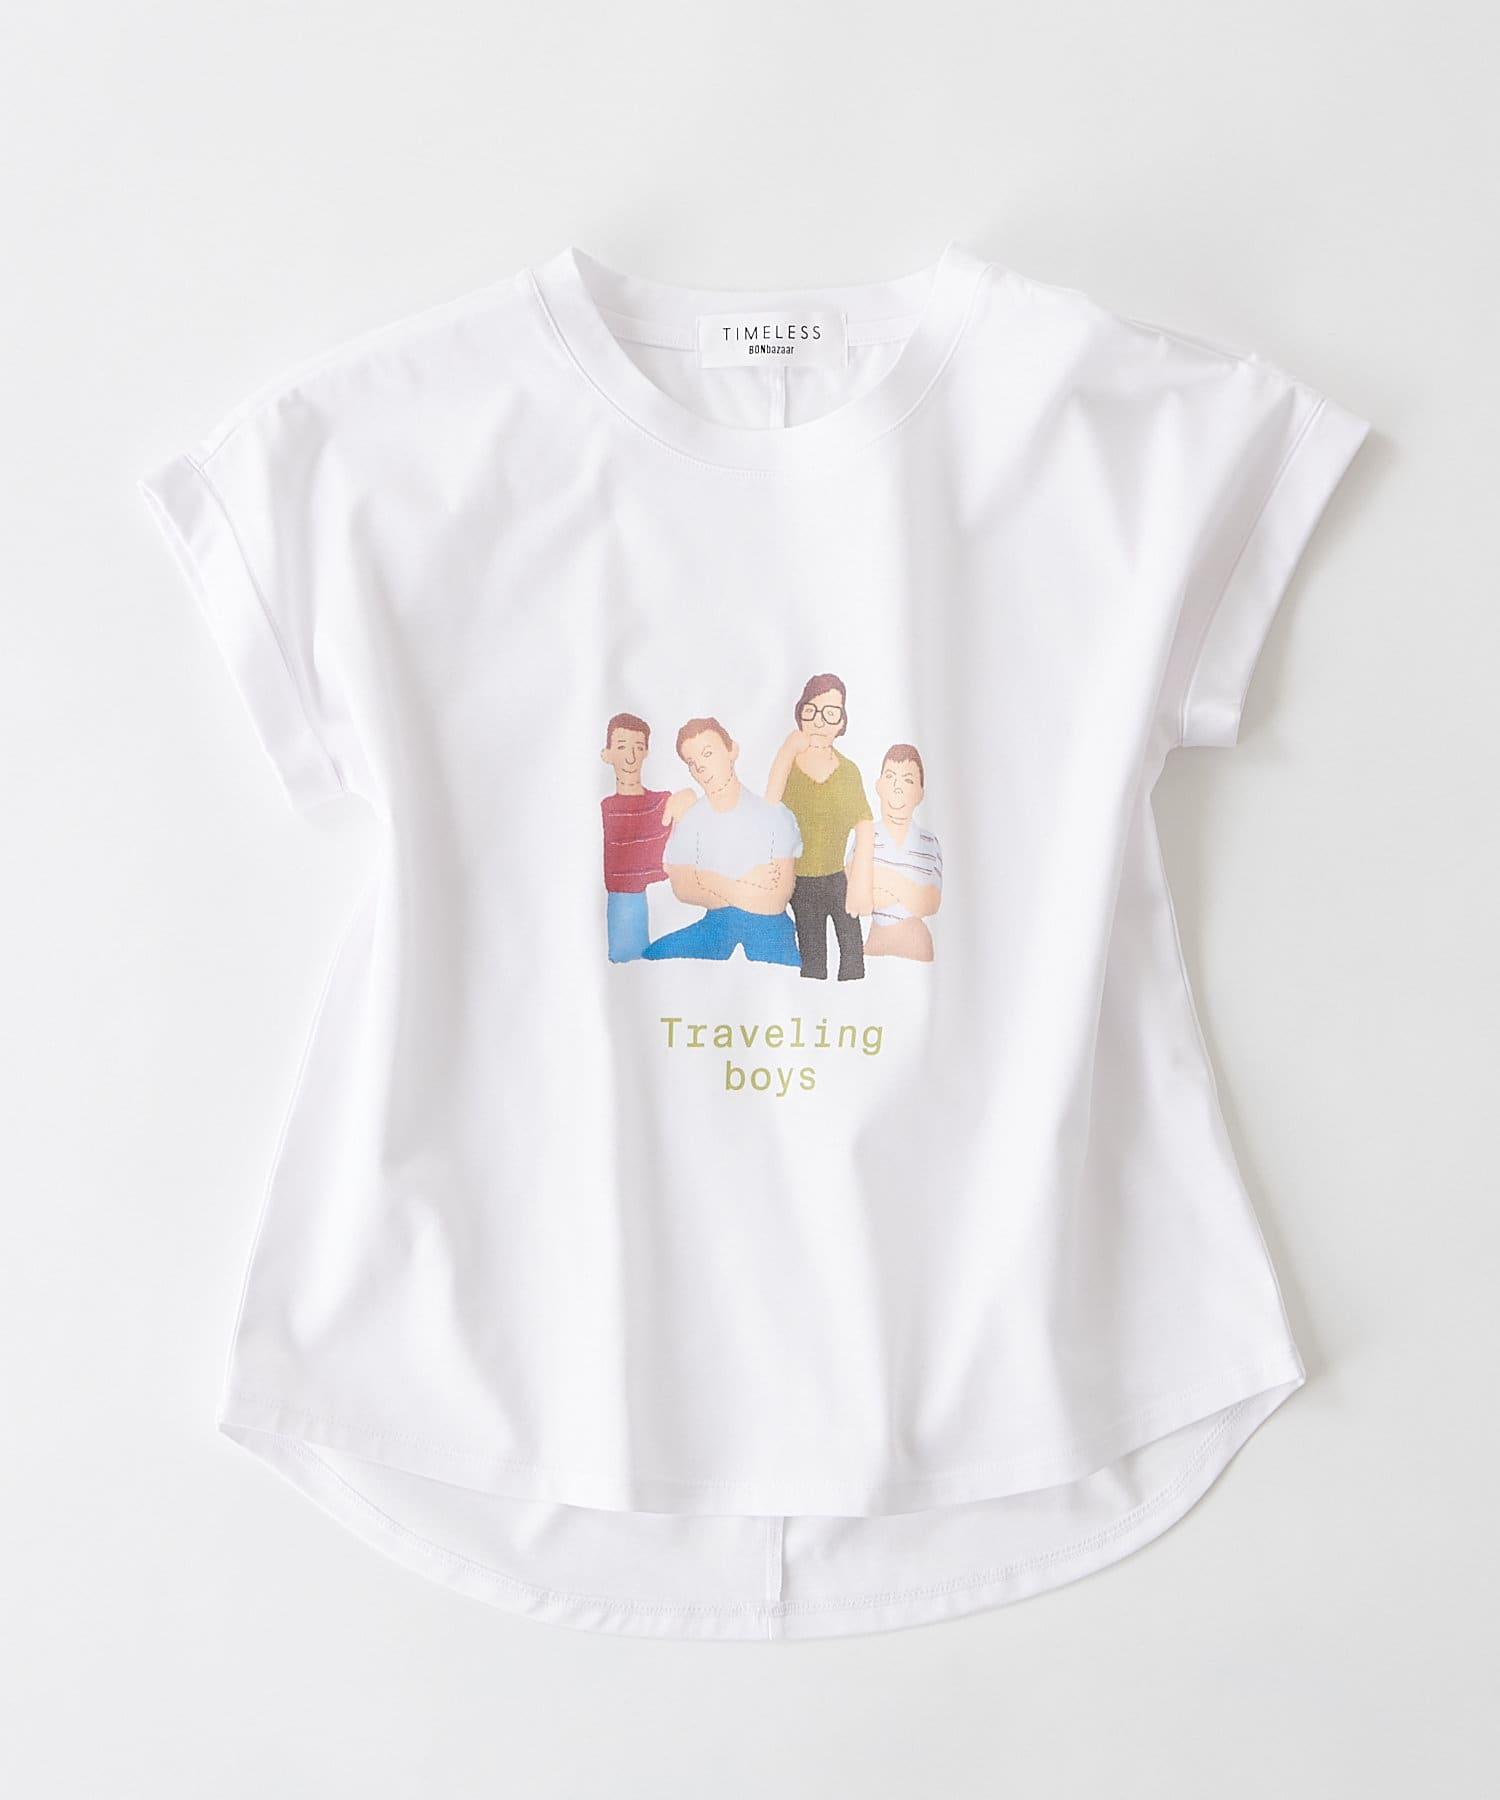 BONbazaar(ボンバザール) レディース 《長谷川 有里's キャラクター》Tシャツ Traveling Boys ホワイト